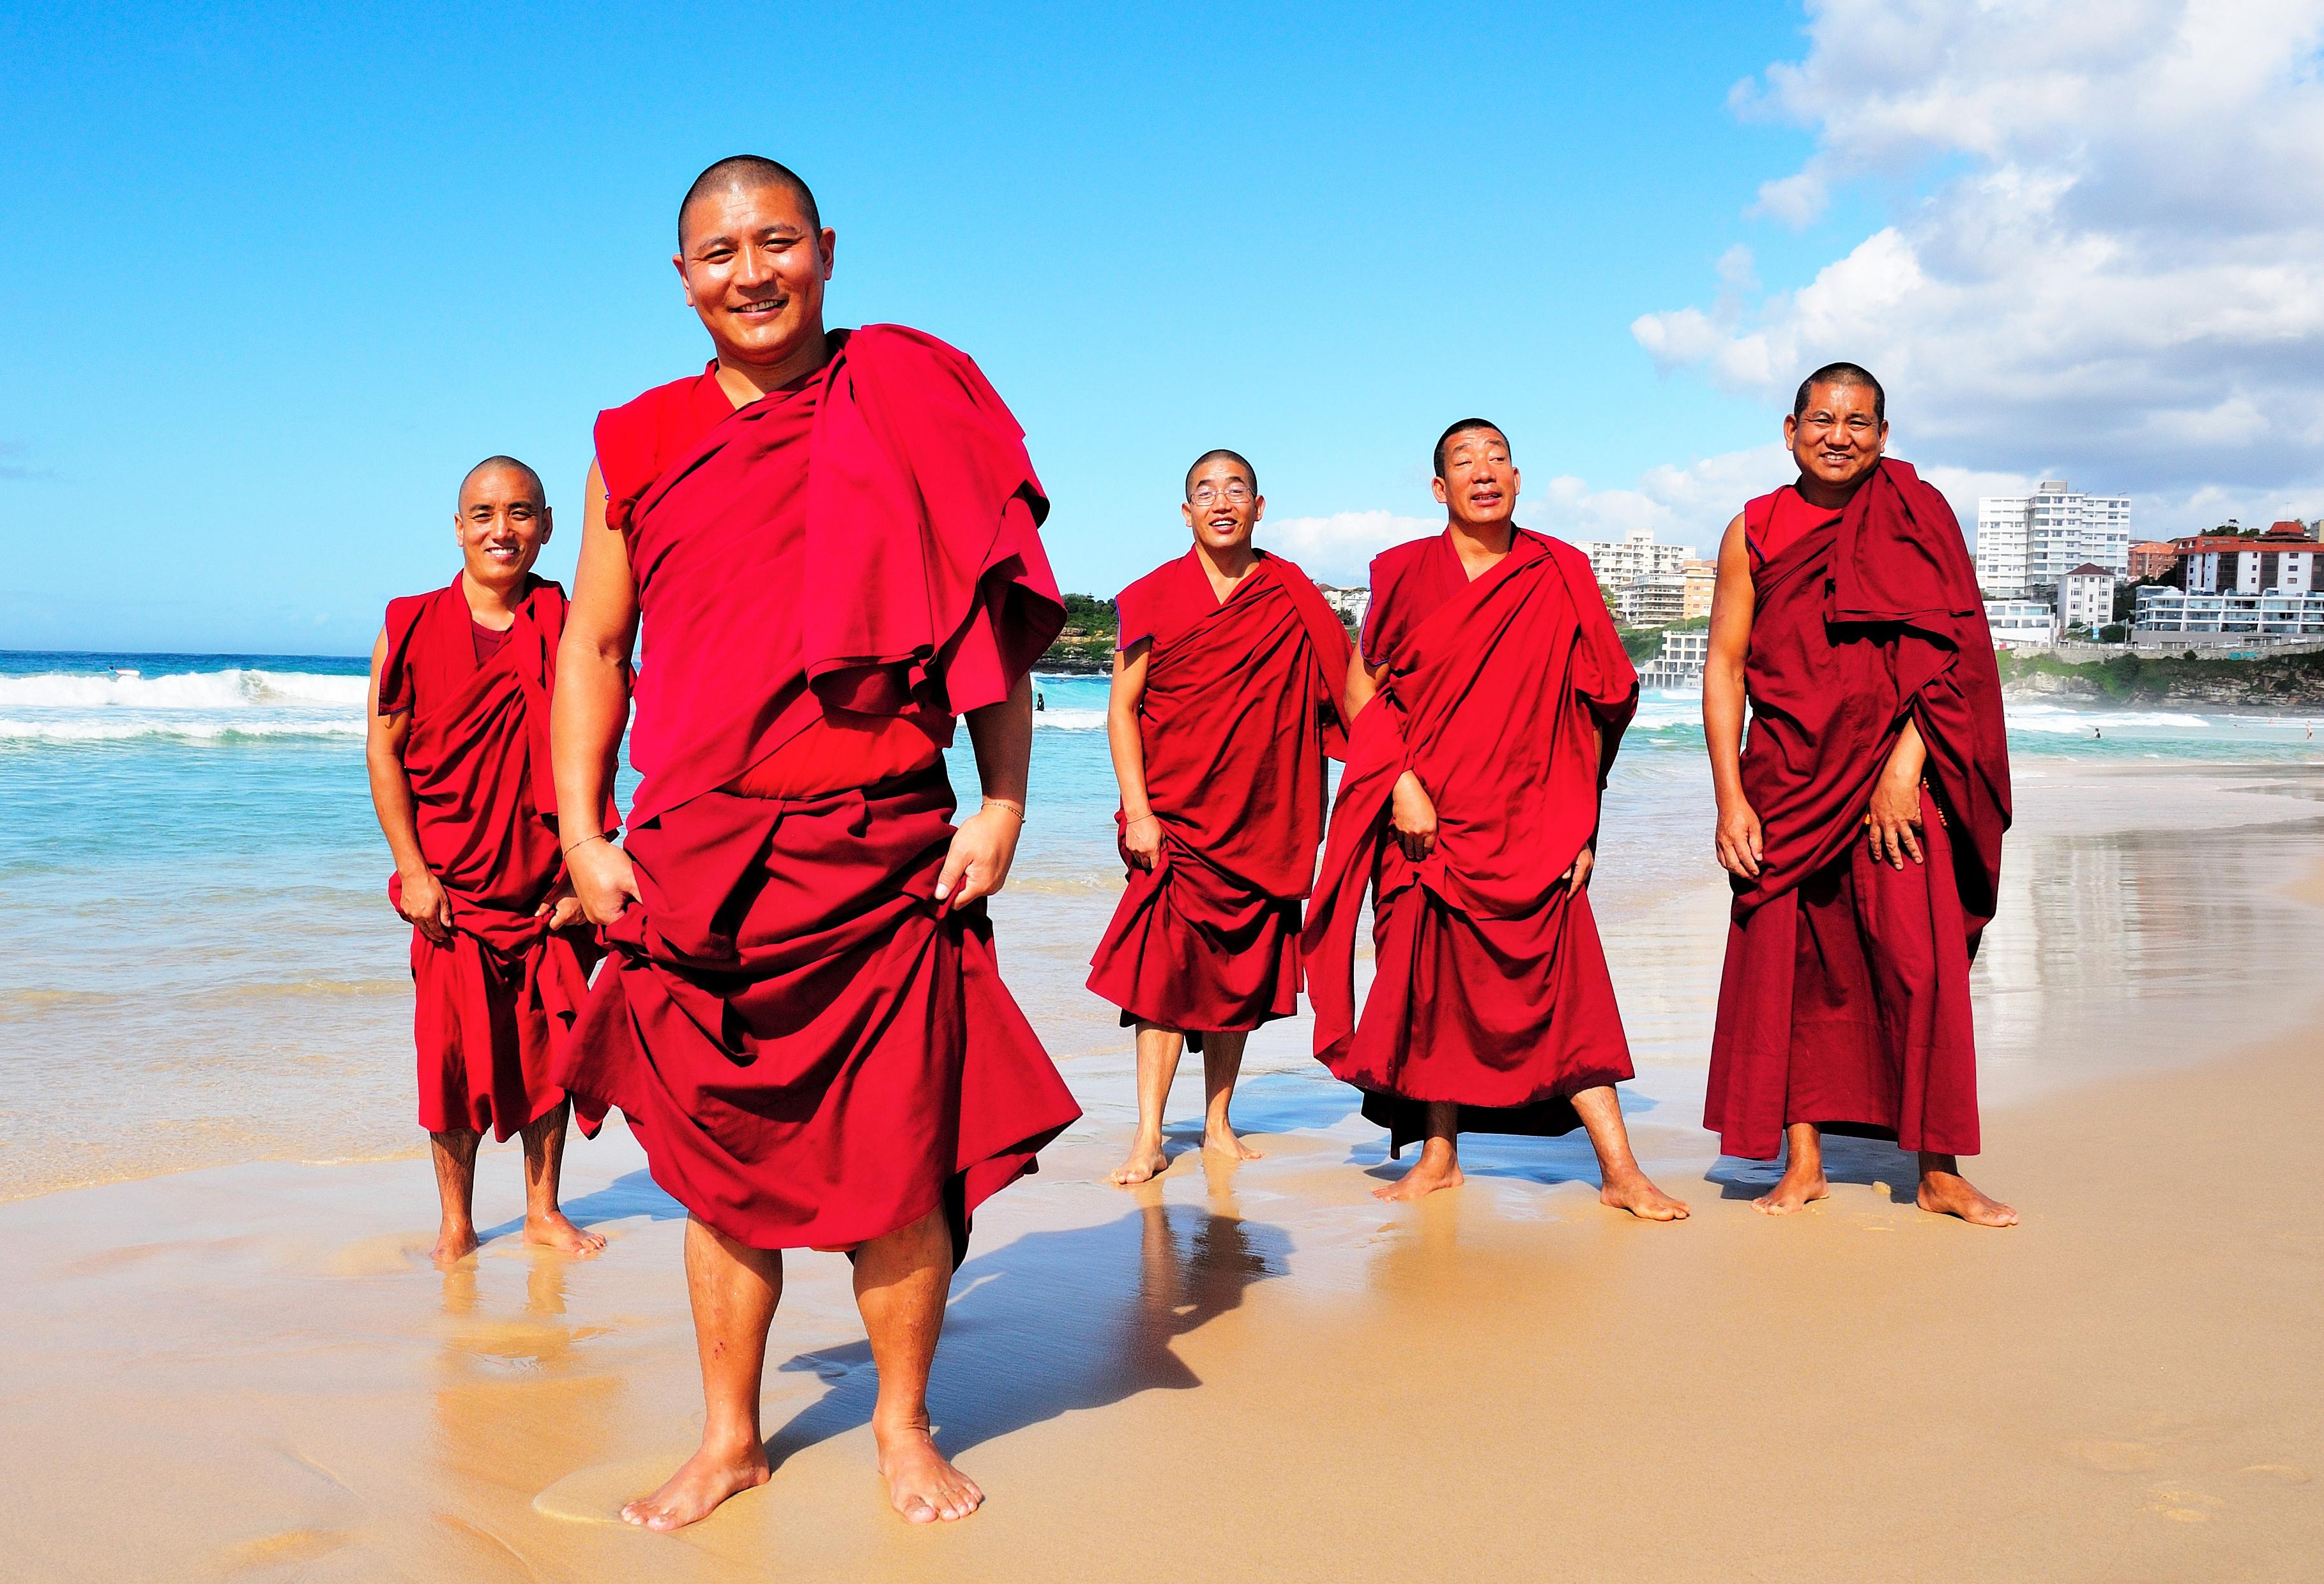 Guyto Monks